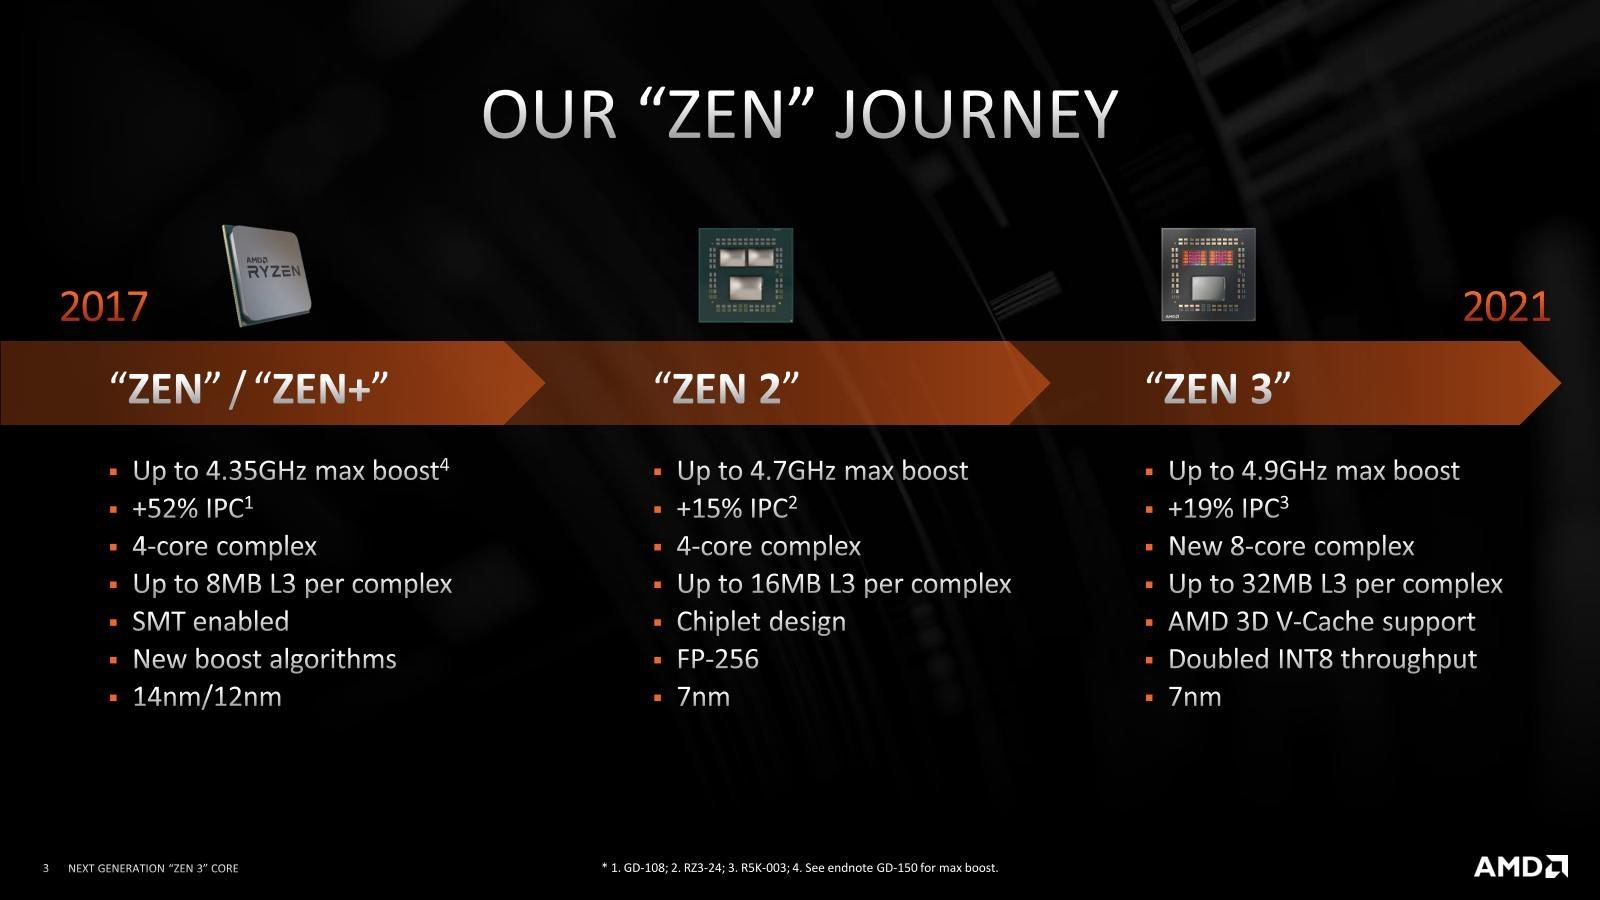 図1●Zenコアの軌跡 Zen 3での「3D Vキャッシュ」のサポートは21年中に始まる予定。(出所:AMD)